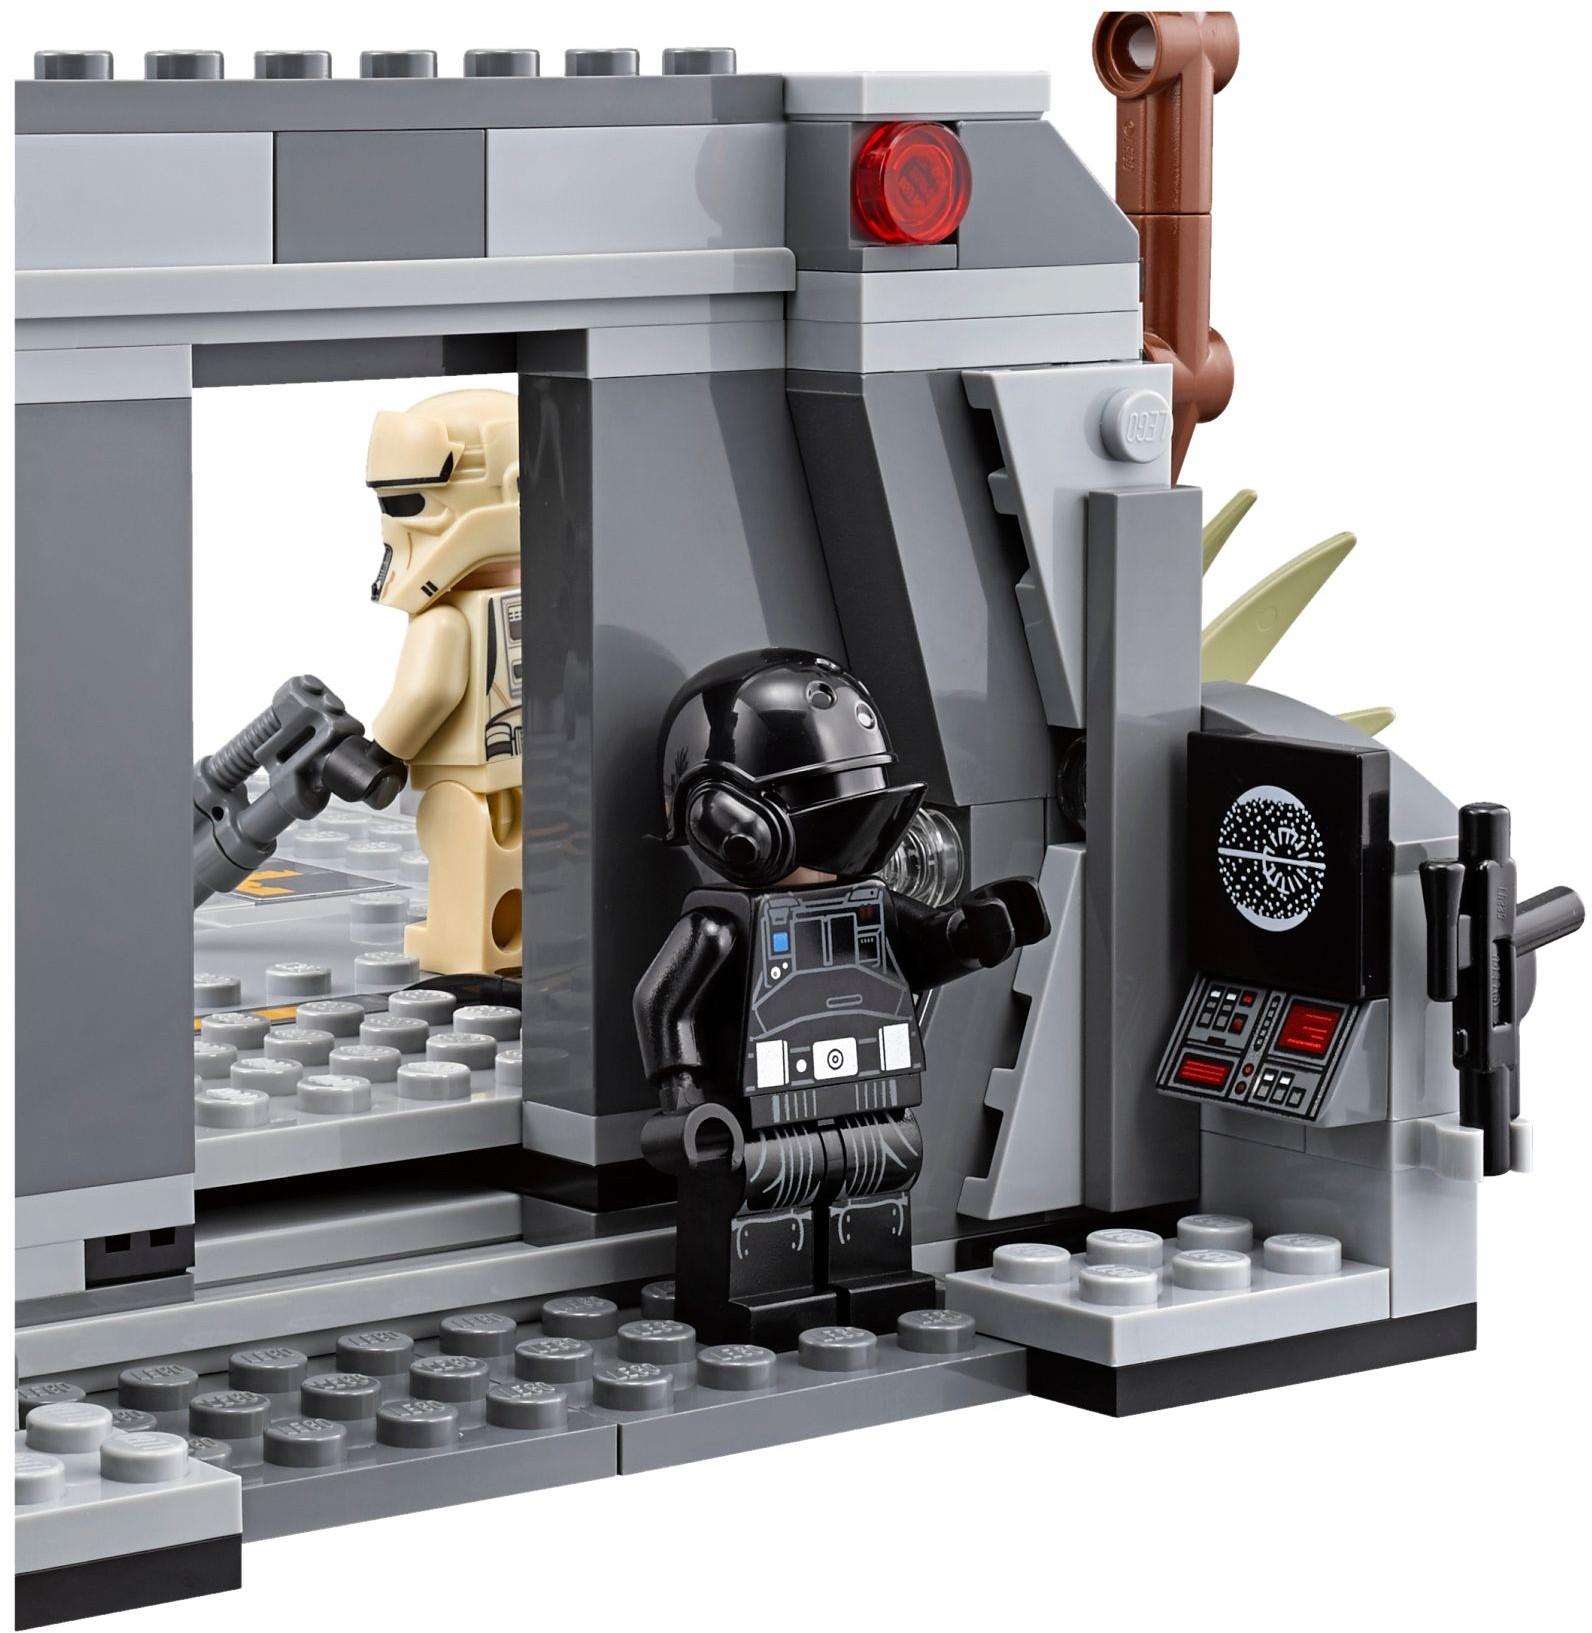 https://i1.wp.com/images.brickset.com/sets/AdditionalImages/75171-1/75171_alt4.jpg